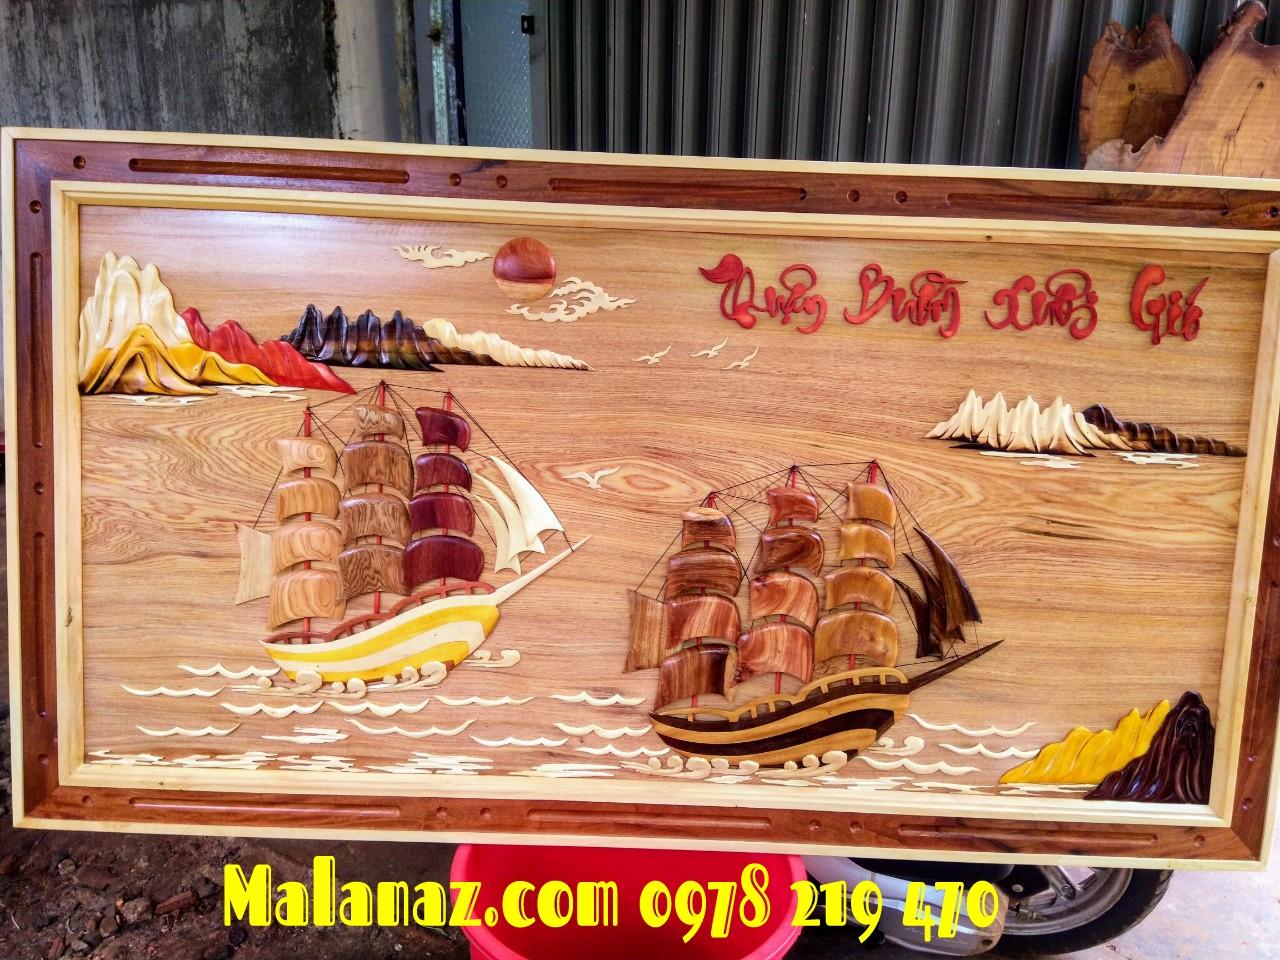 Tranh gỗ phong thủy - Tranh gỗ thuận buồm xuôi gió - DL01